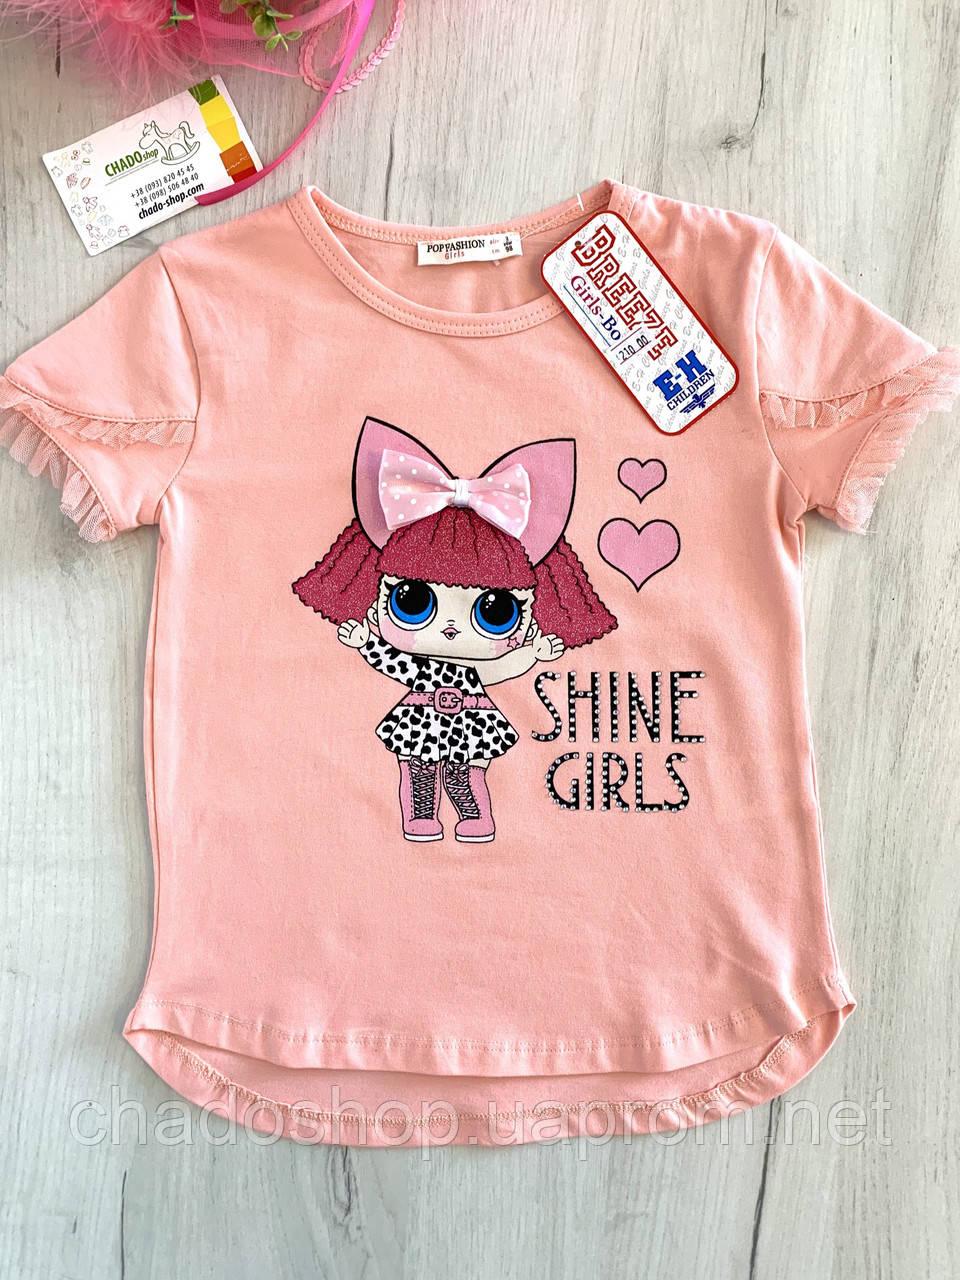 Детская белая футболка на девочку с Лол Lol